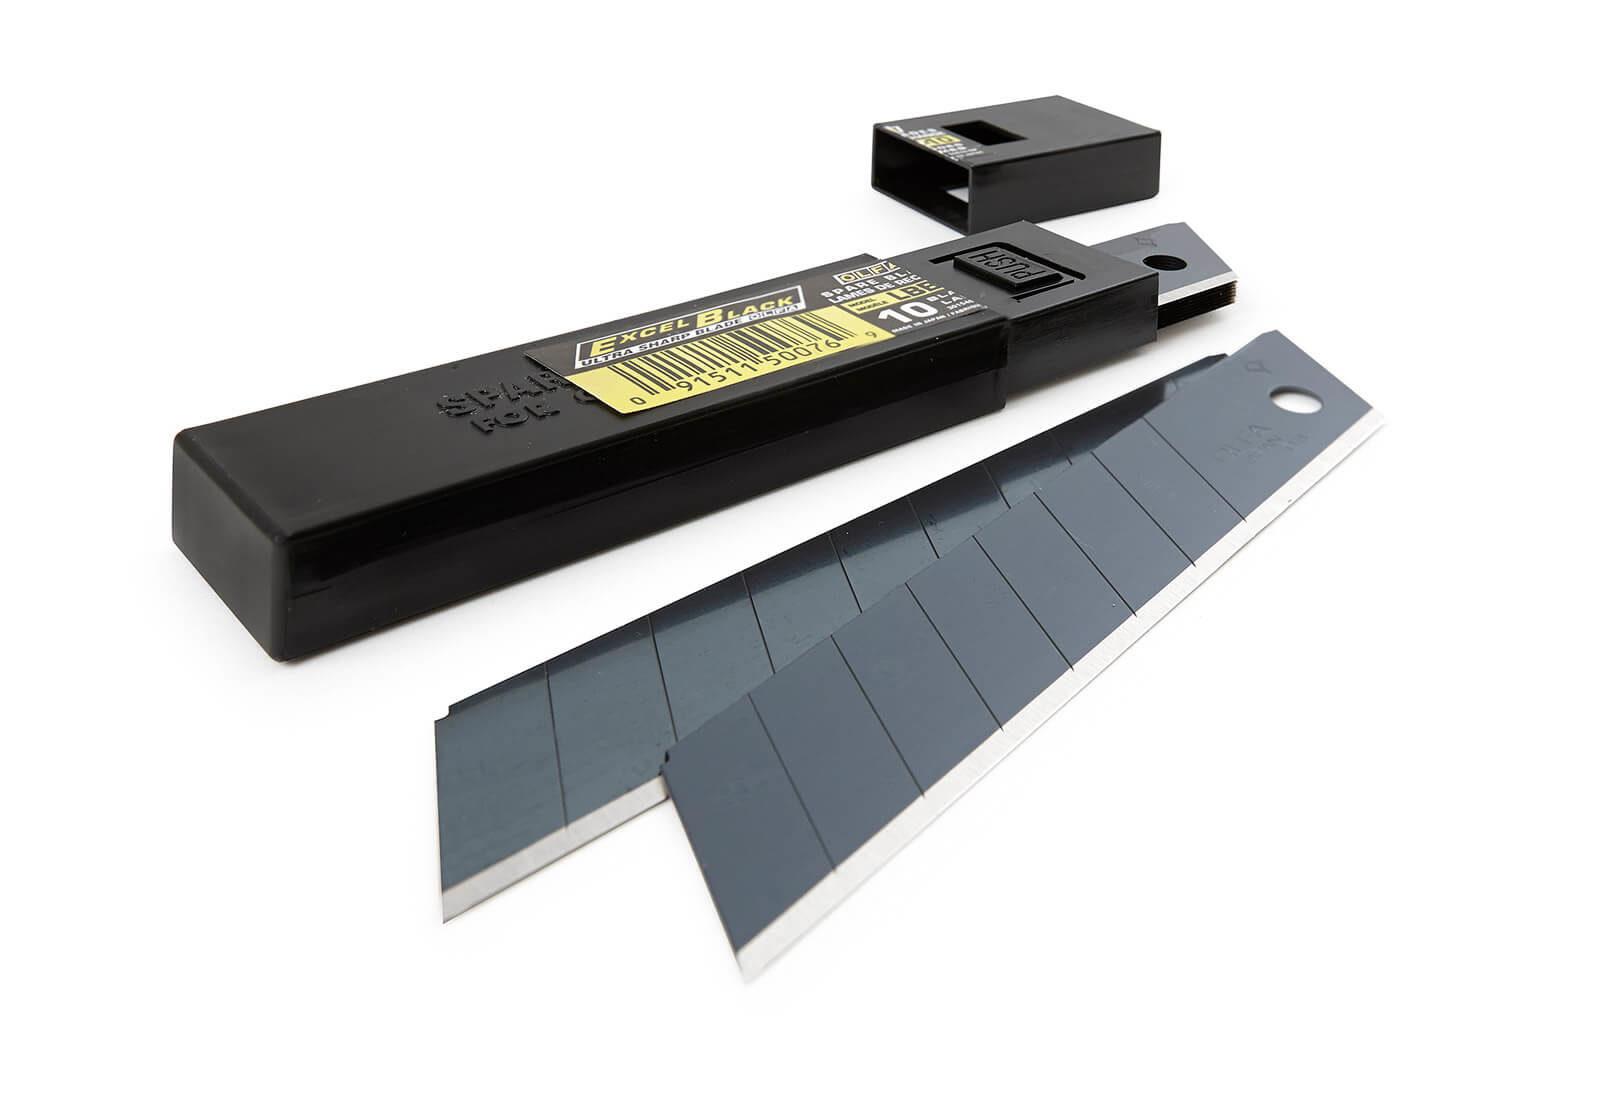 K041O-Cuttermesser-Klinge-Abbrechklinge-18-mm-OLFA-LBB-10-Verpackung_-CURT-tools_max